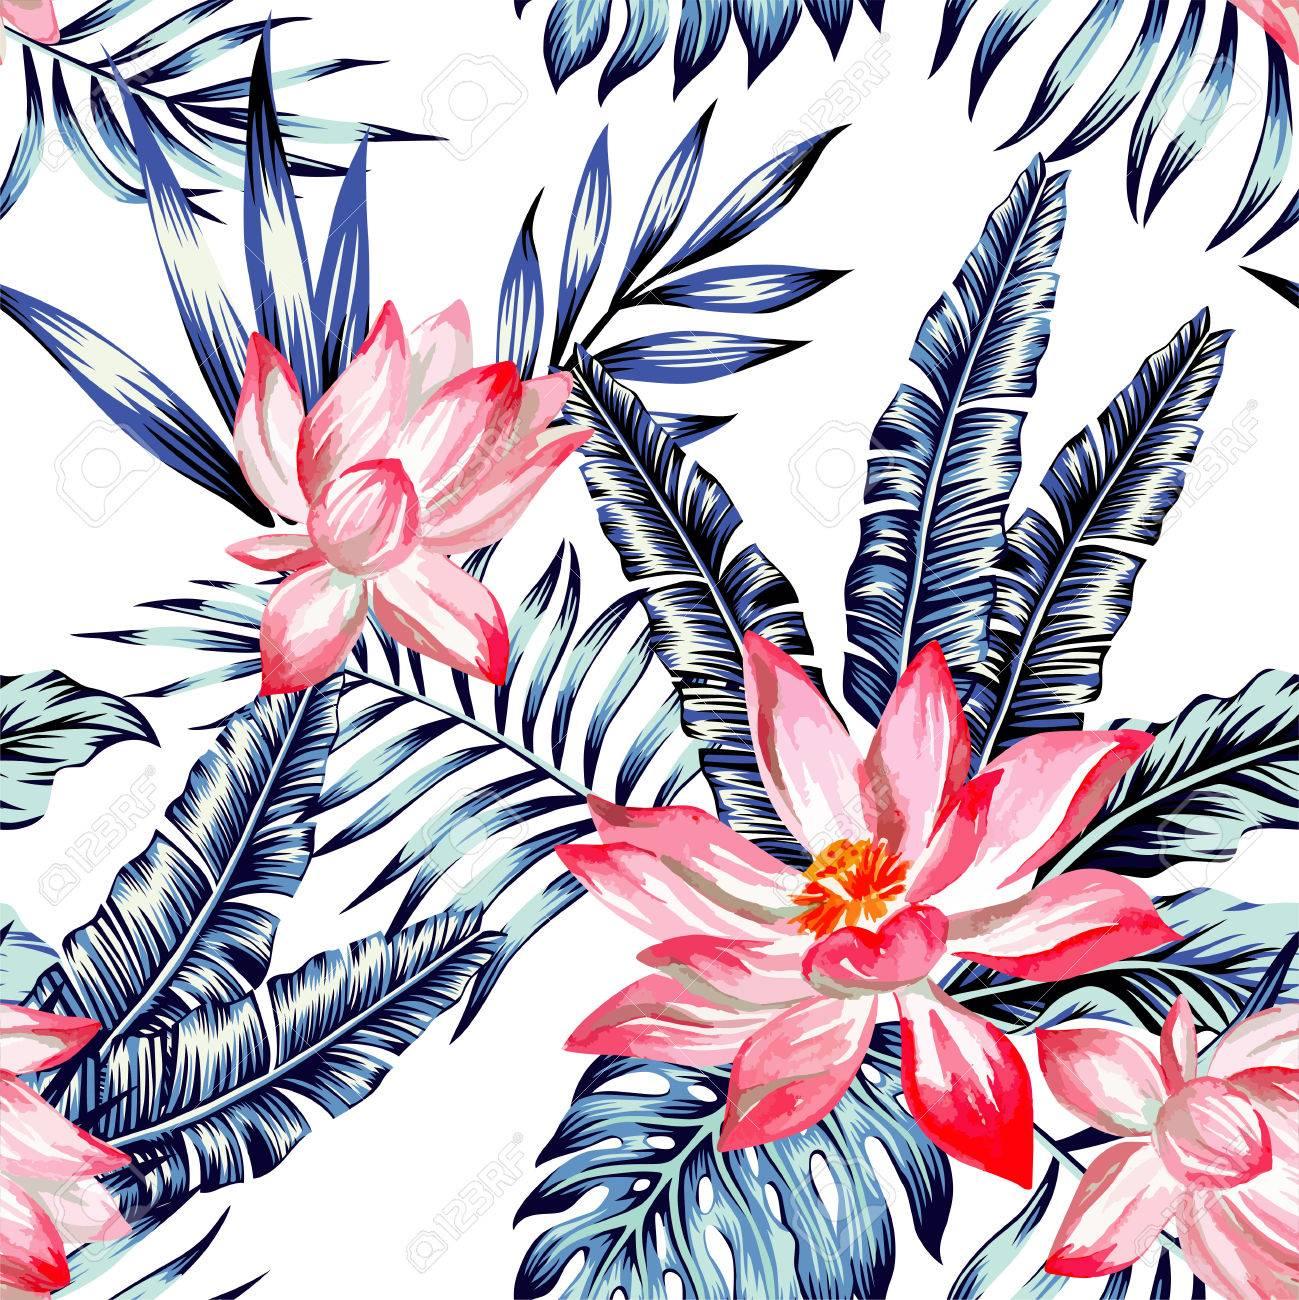 Floral Fashion Tropische Tapete Mit Blättern Der Bananenpalme In Einem  Trendigen Blauen Stil. Standard